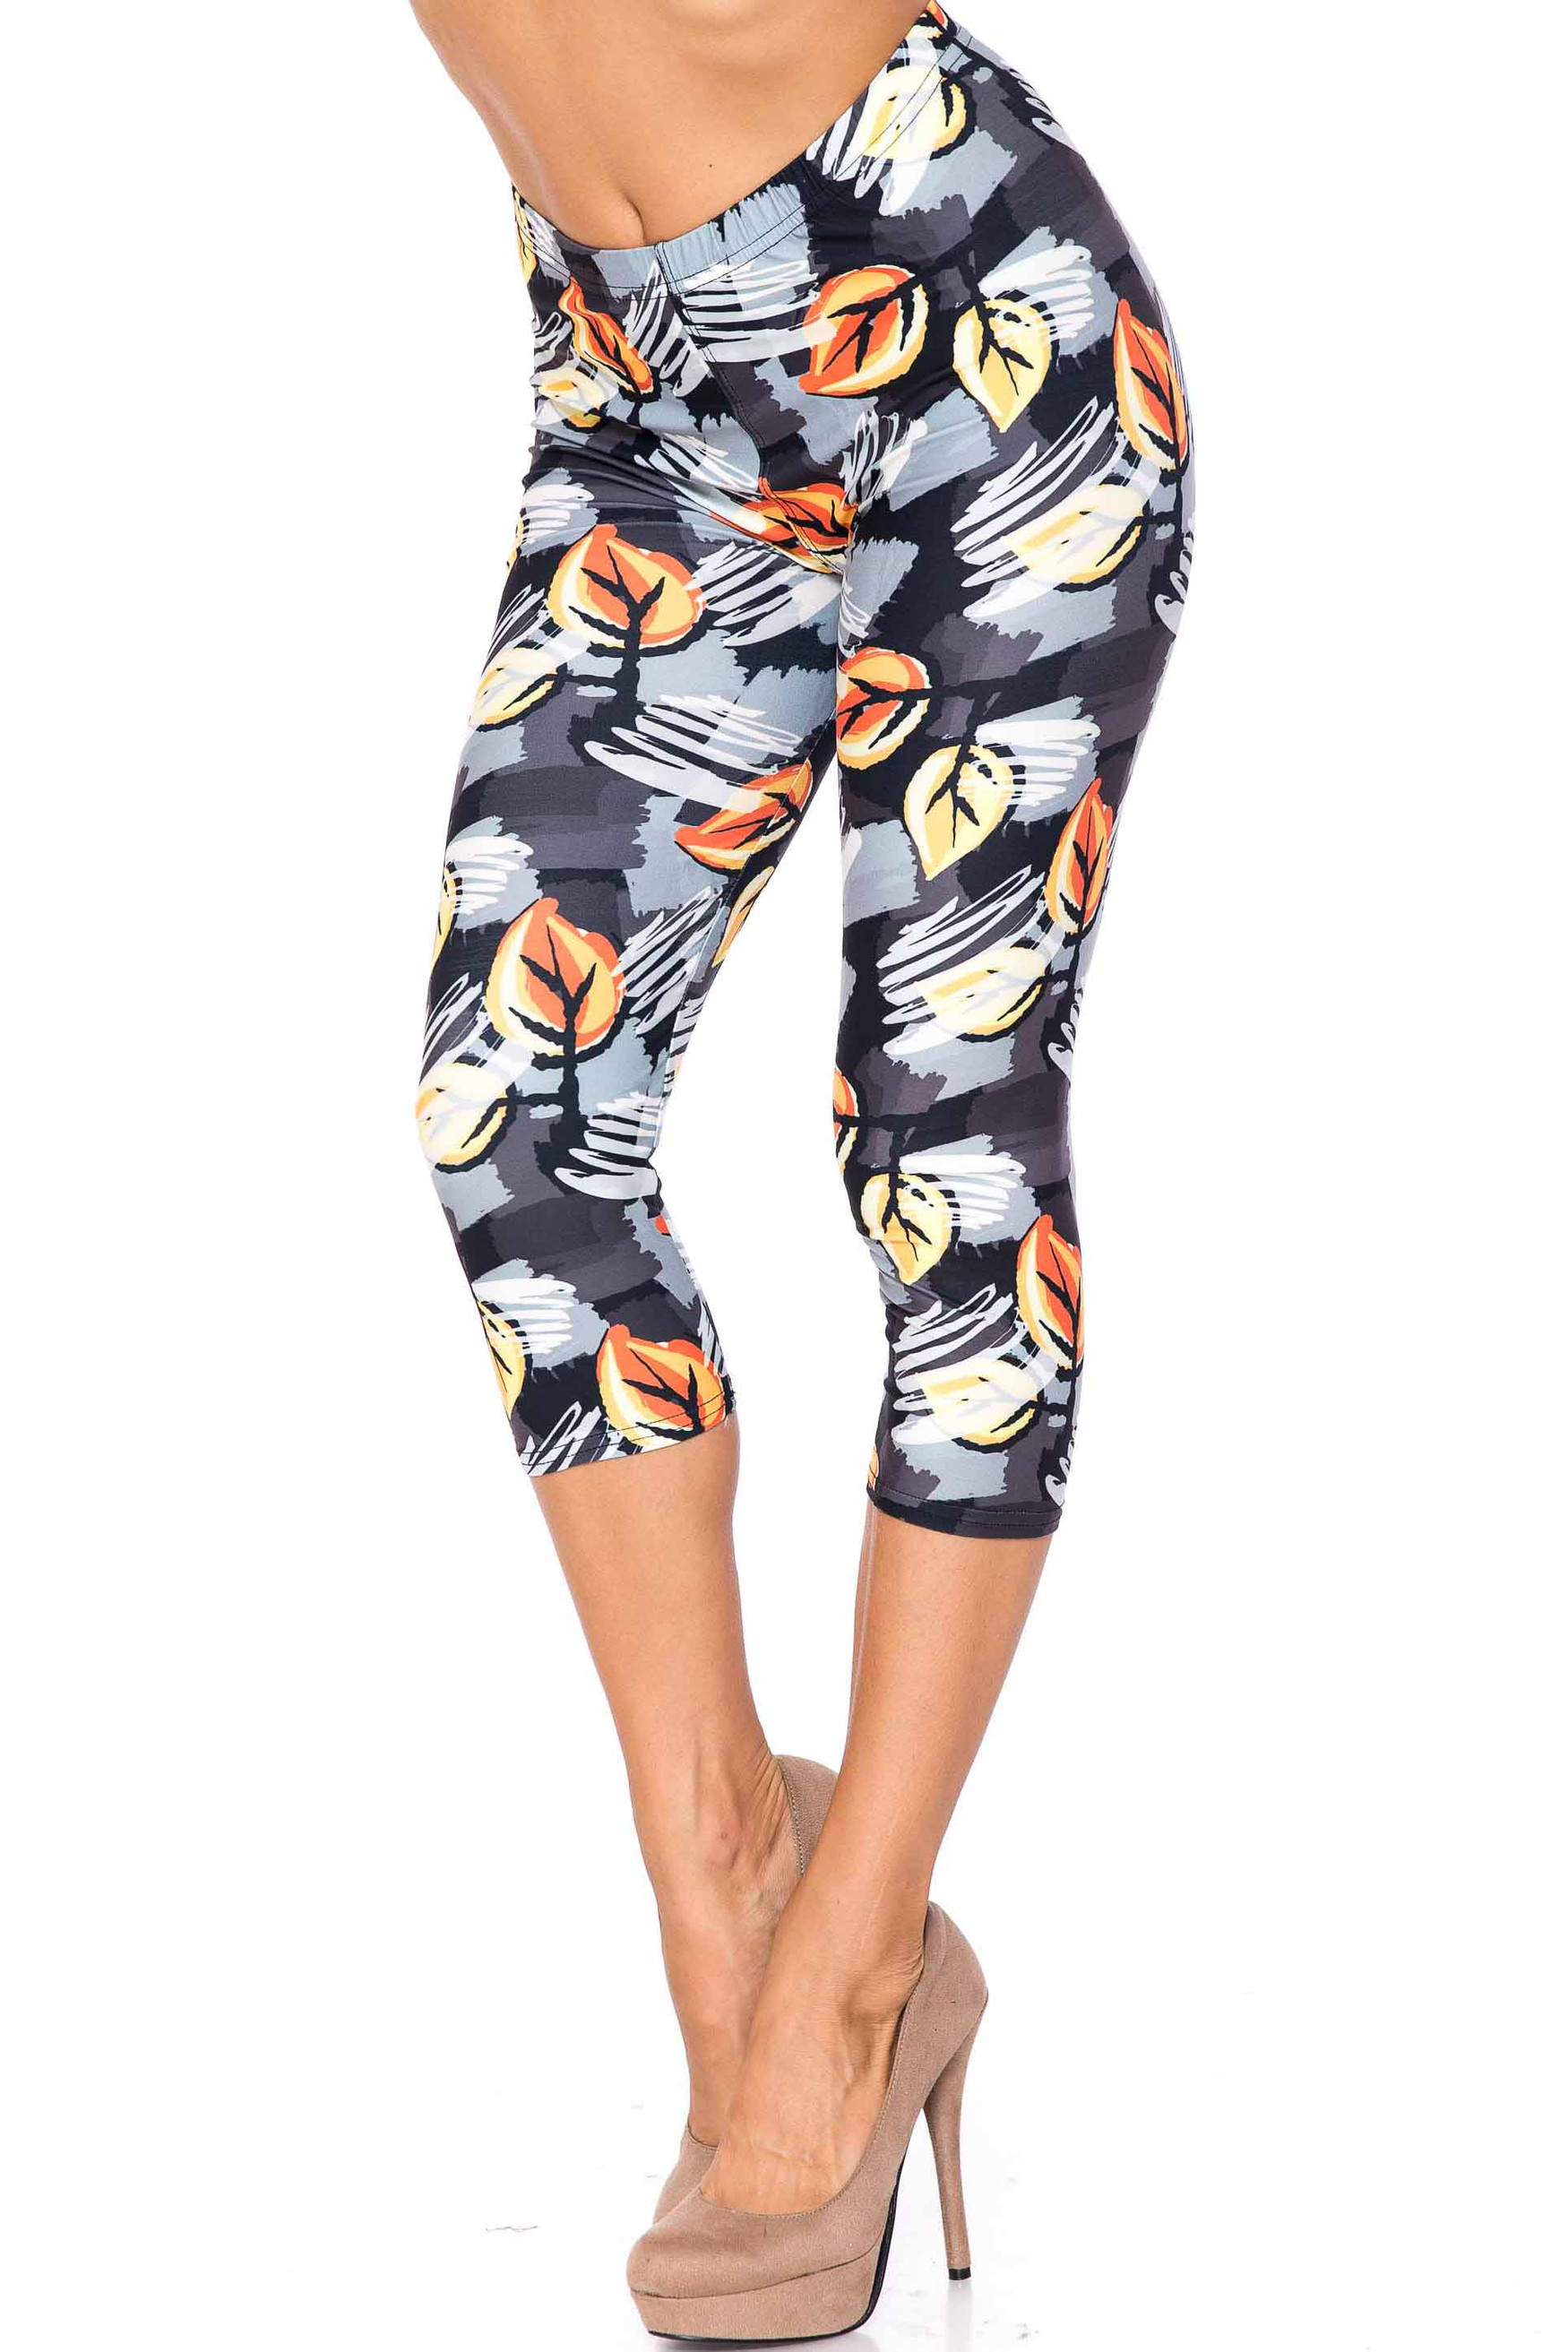 Creamy Soft Orange Leaf Breeze Extra Plus Size Capris - 3X-5X - USA Fashion™